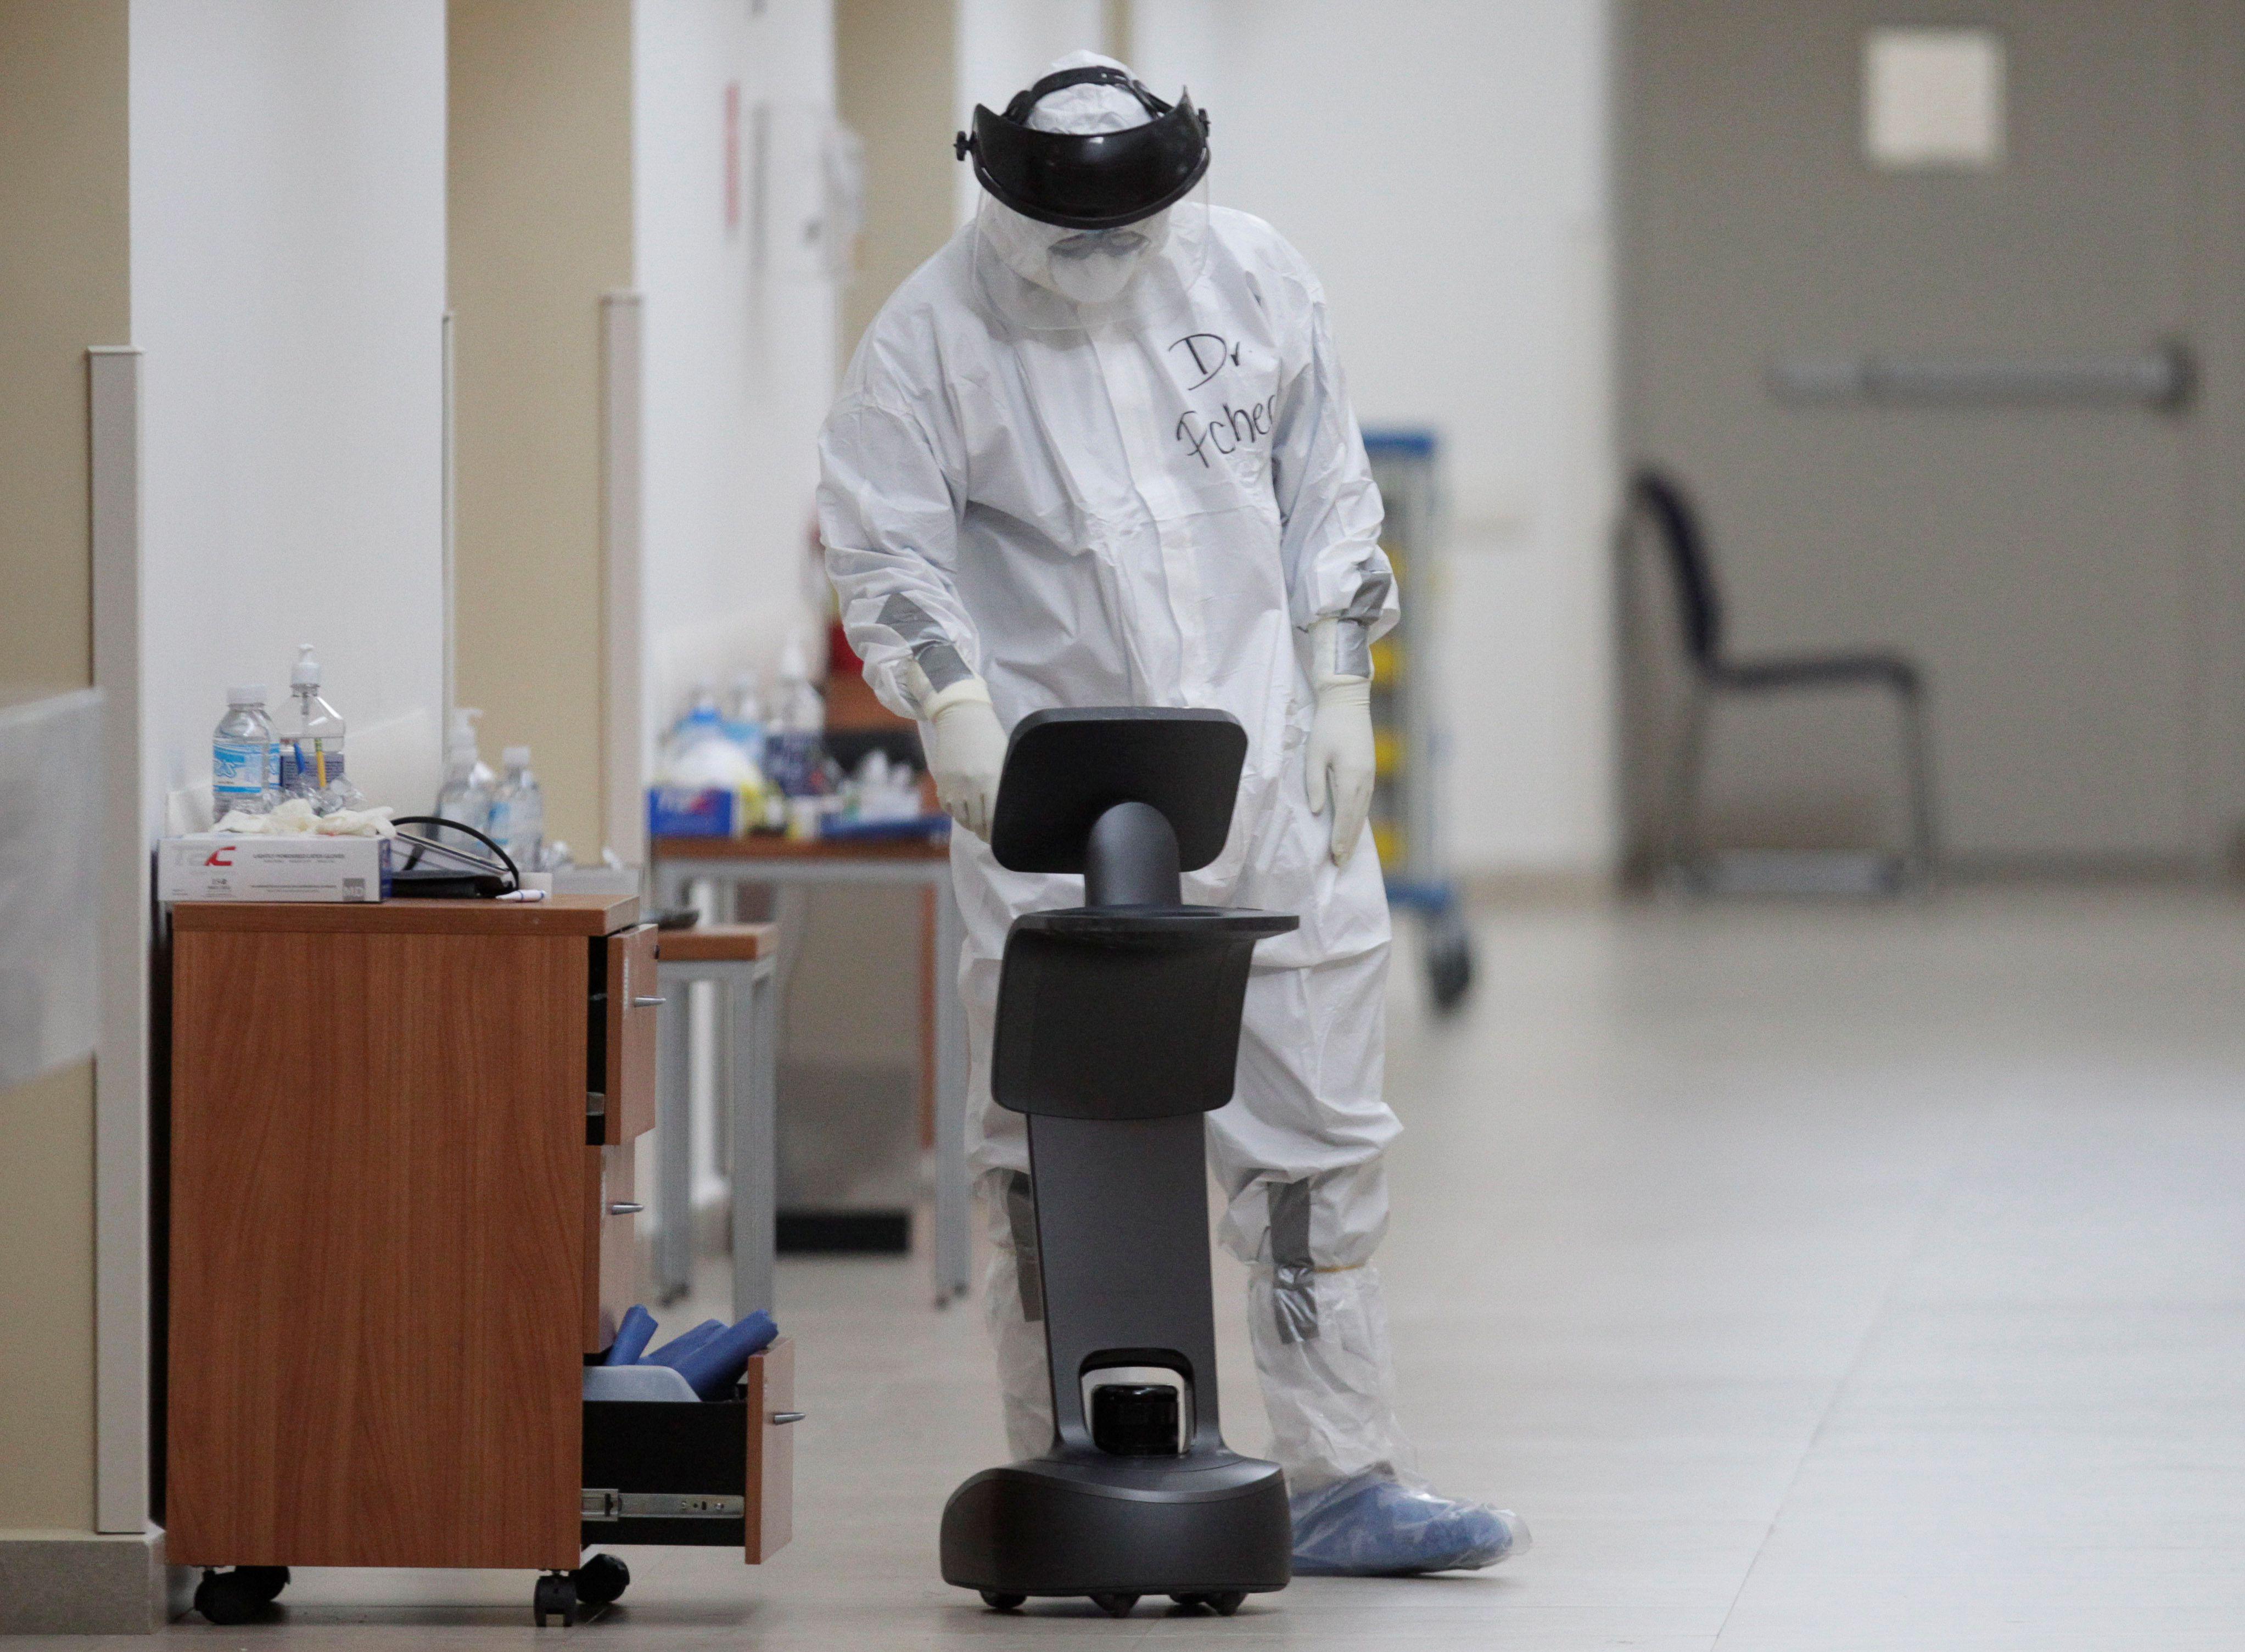 La pérdida del olfato y la diarrea son nuevos criterios para detectar la COVID-19 en México. (Foto: Daniel Becerril/Reuters)